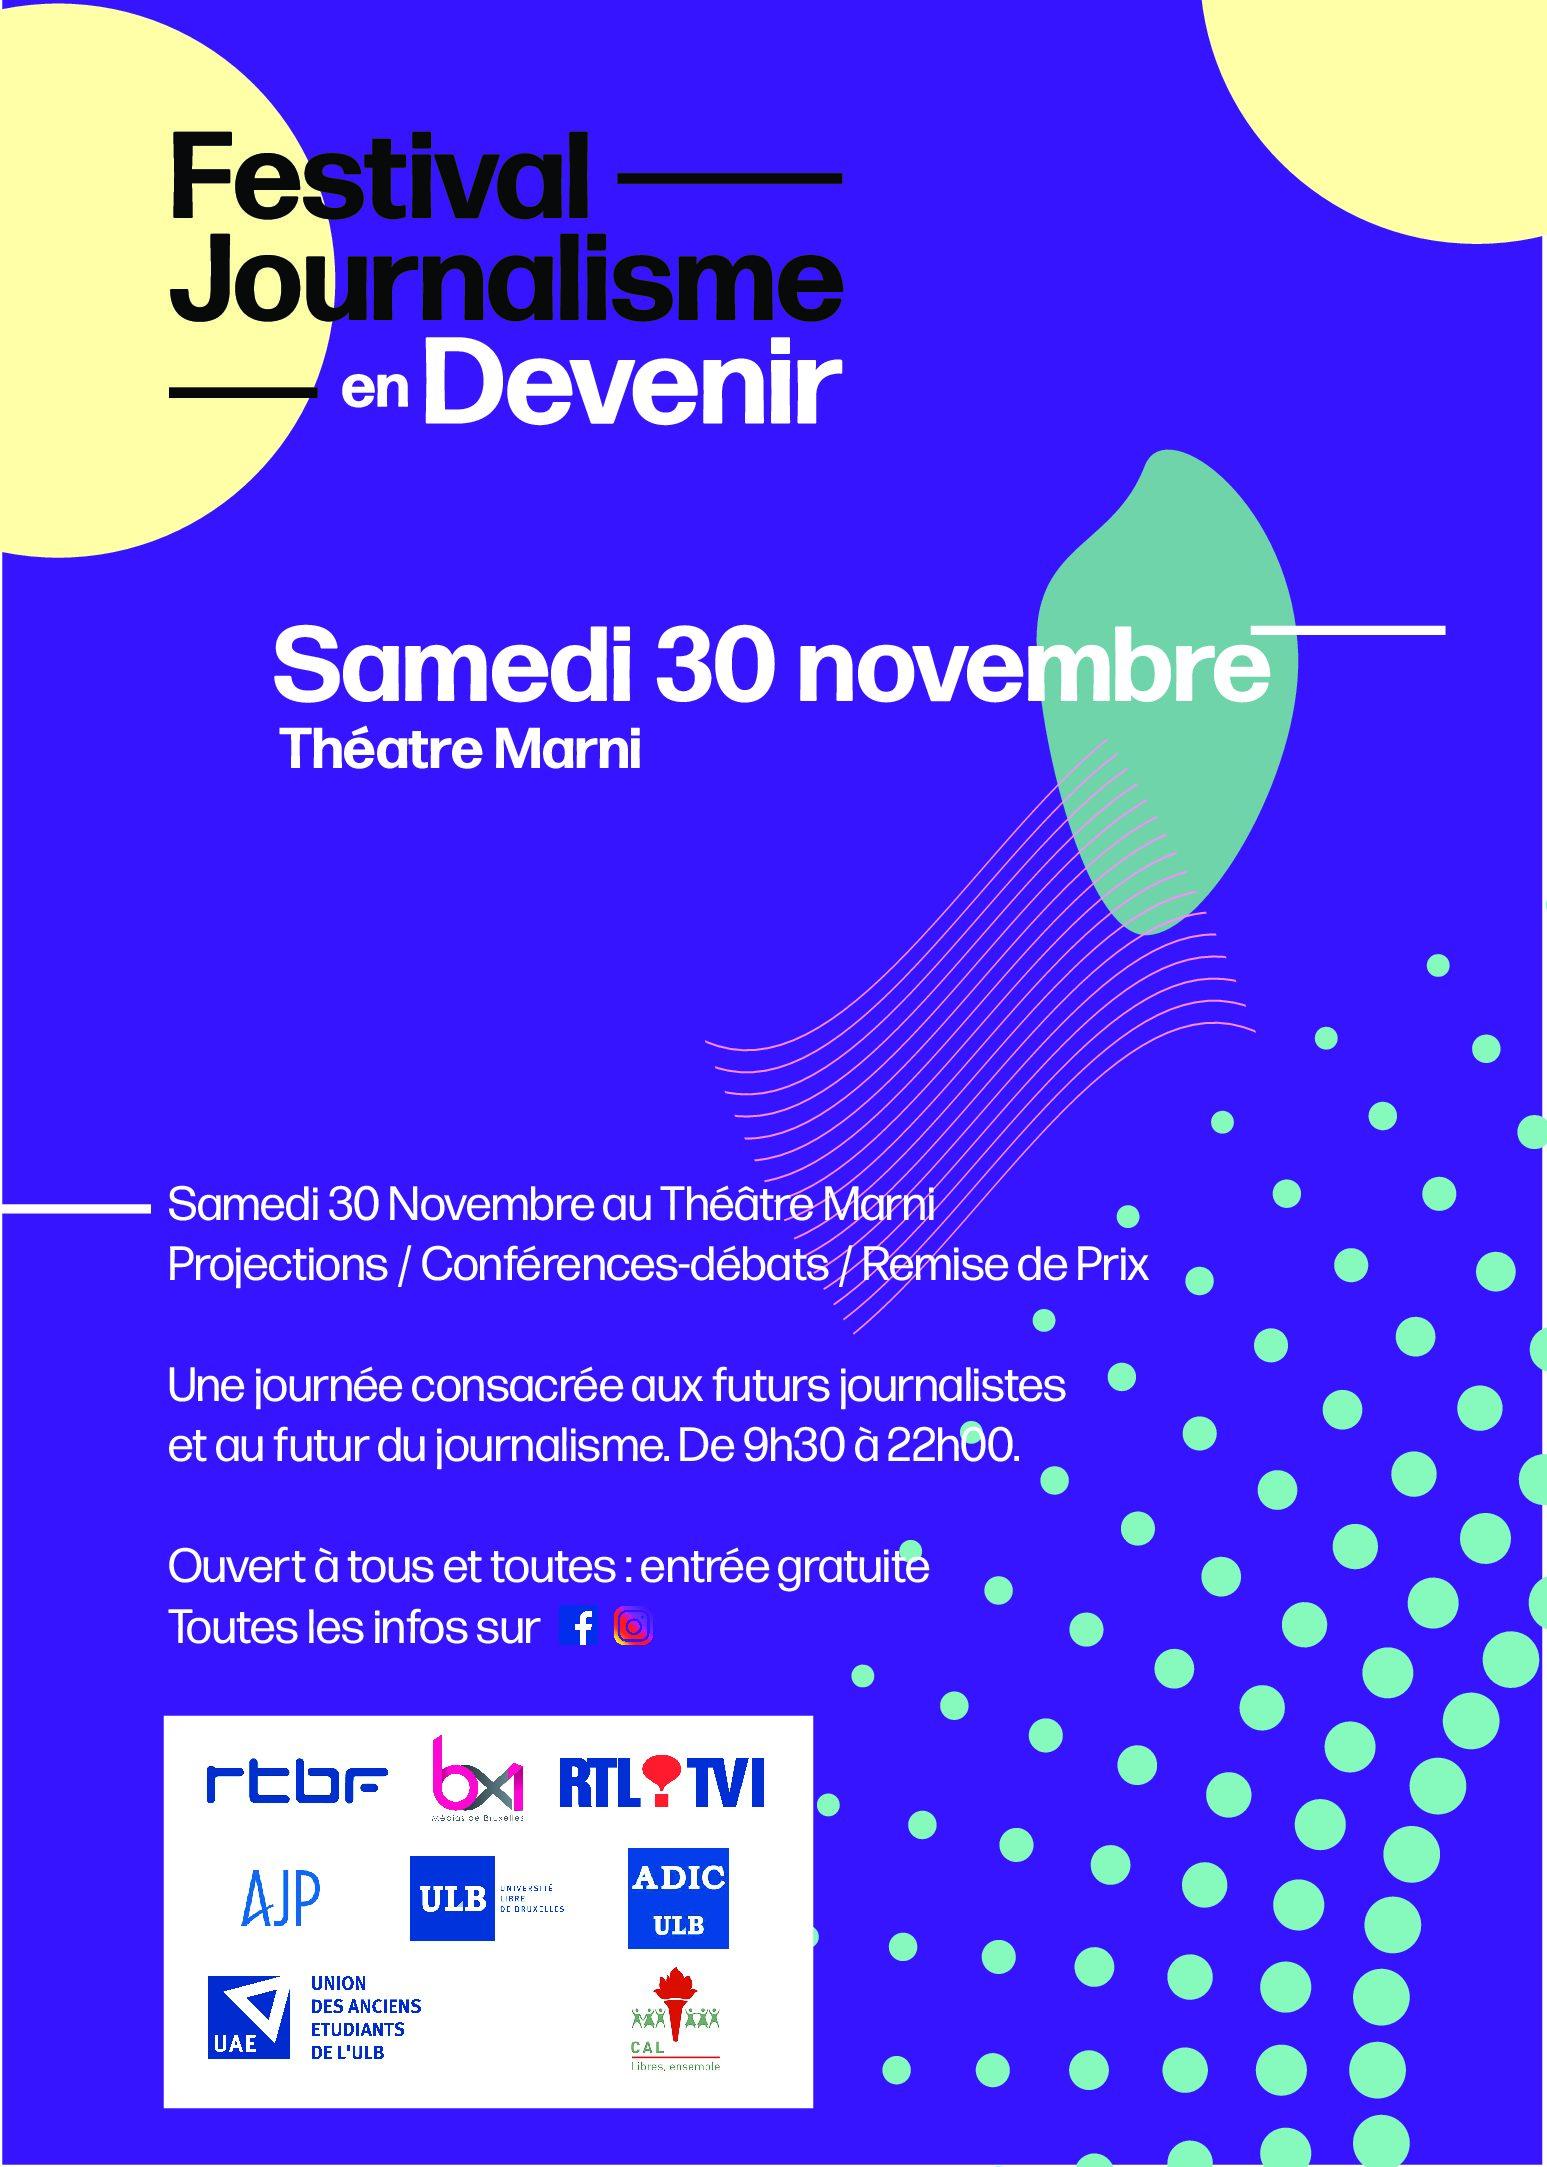 Le Festival du Journalisme en Devenir (FJD)